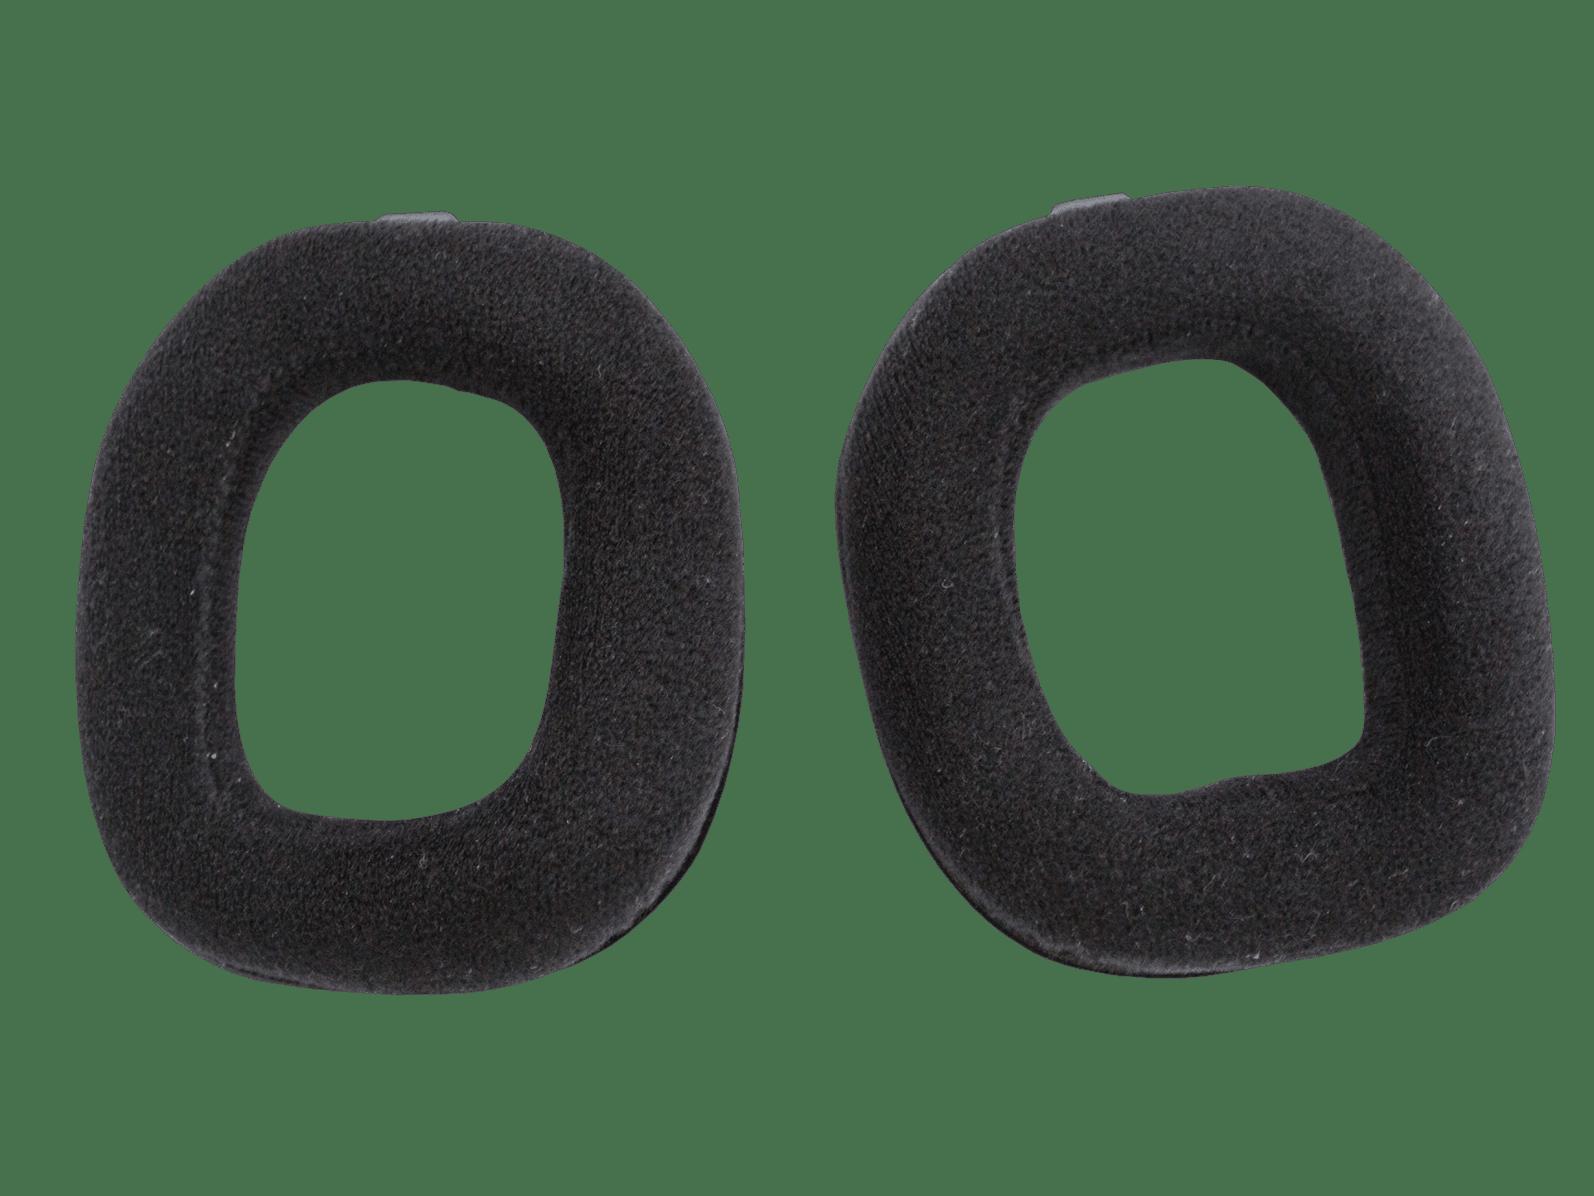 a40-ear-cushions-black-gallery-01